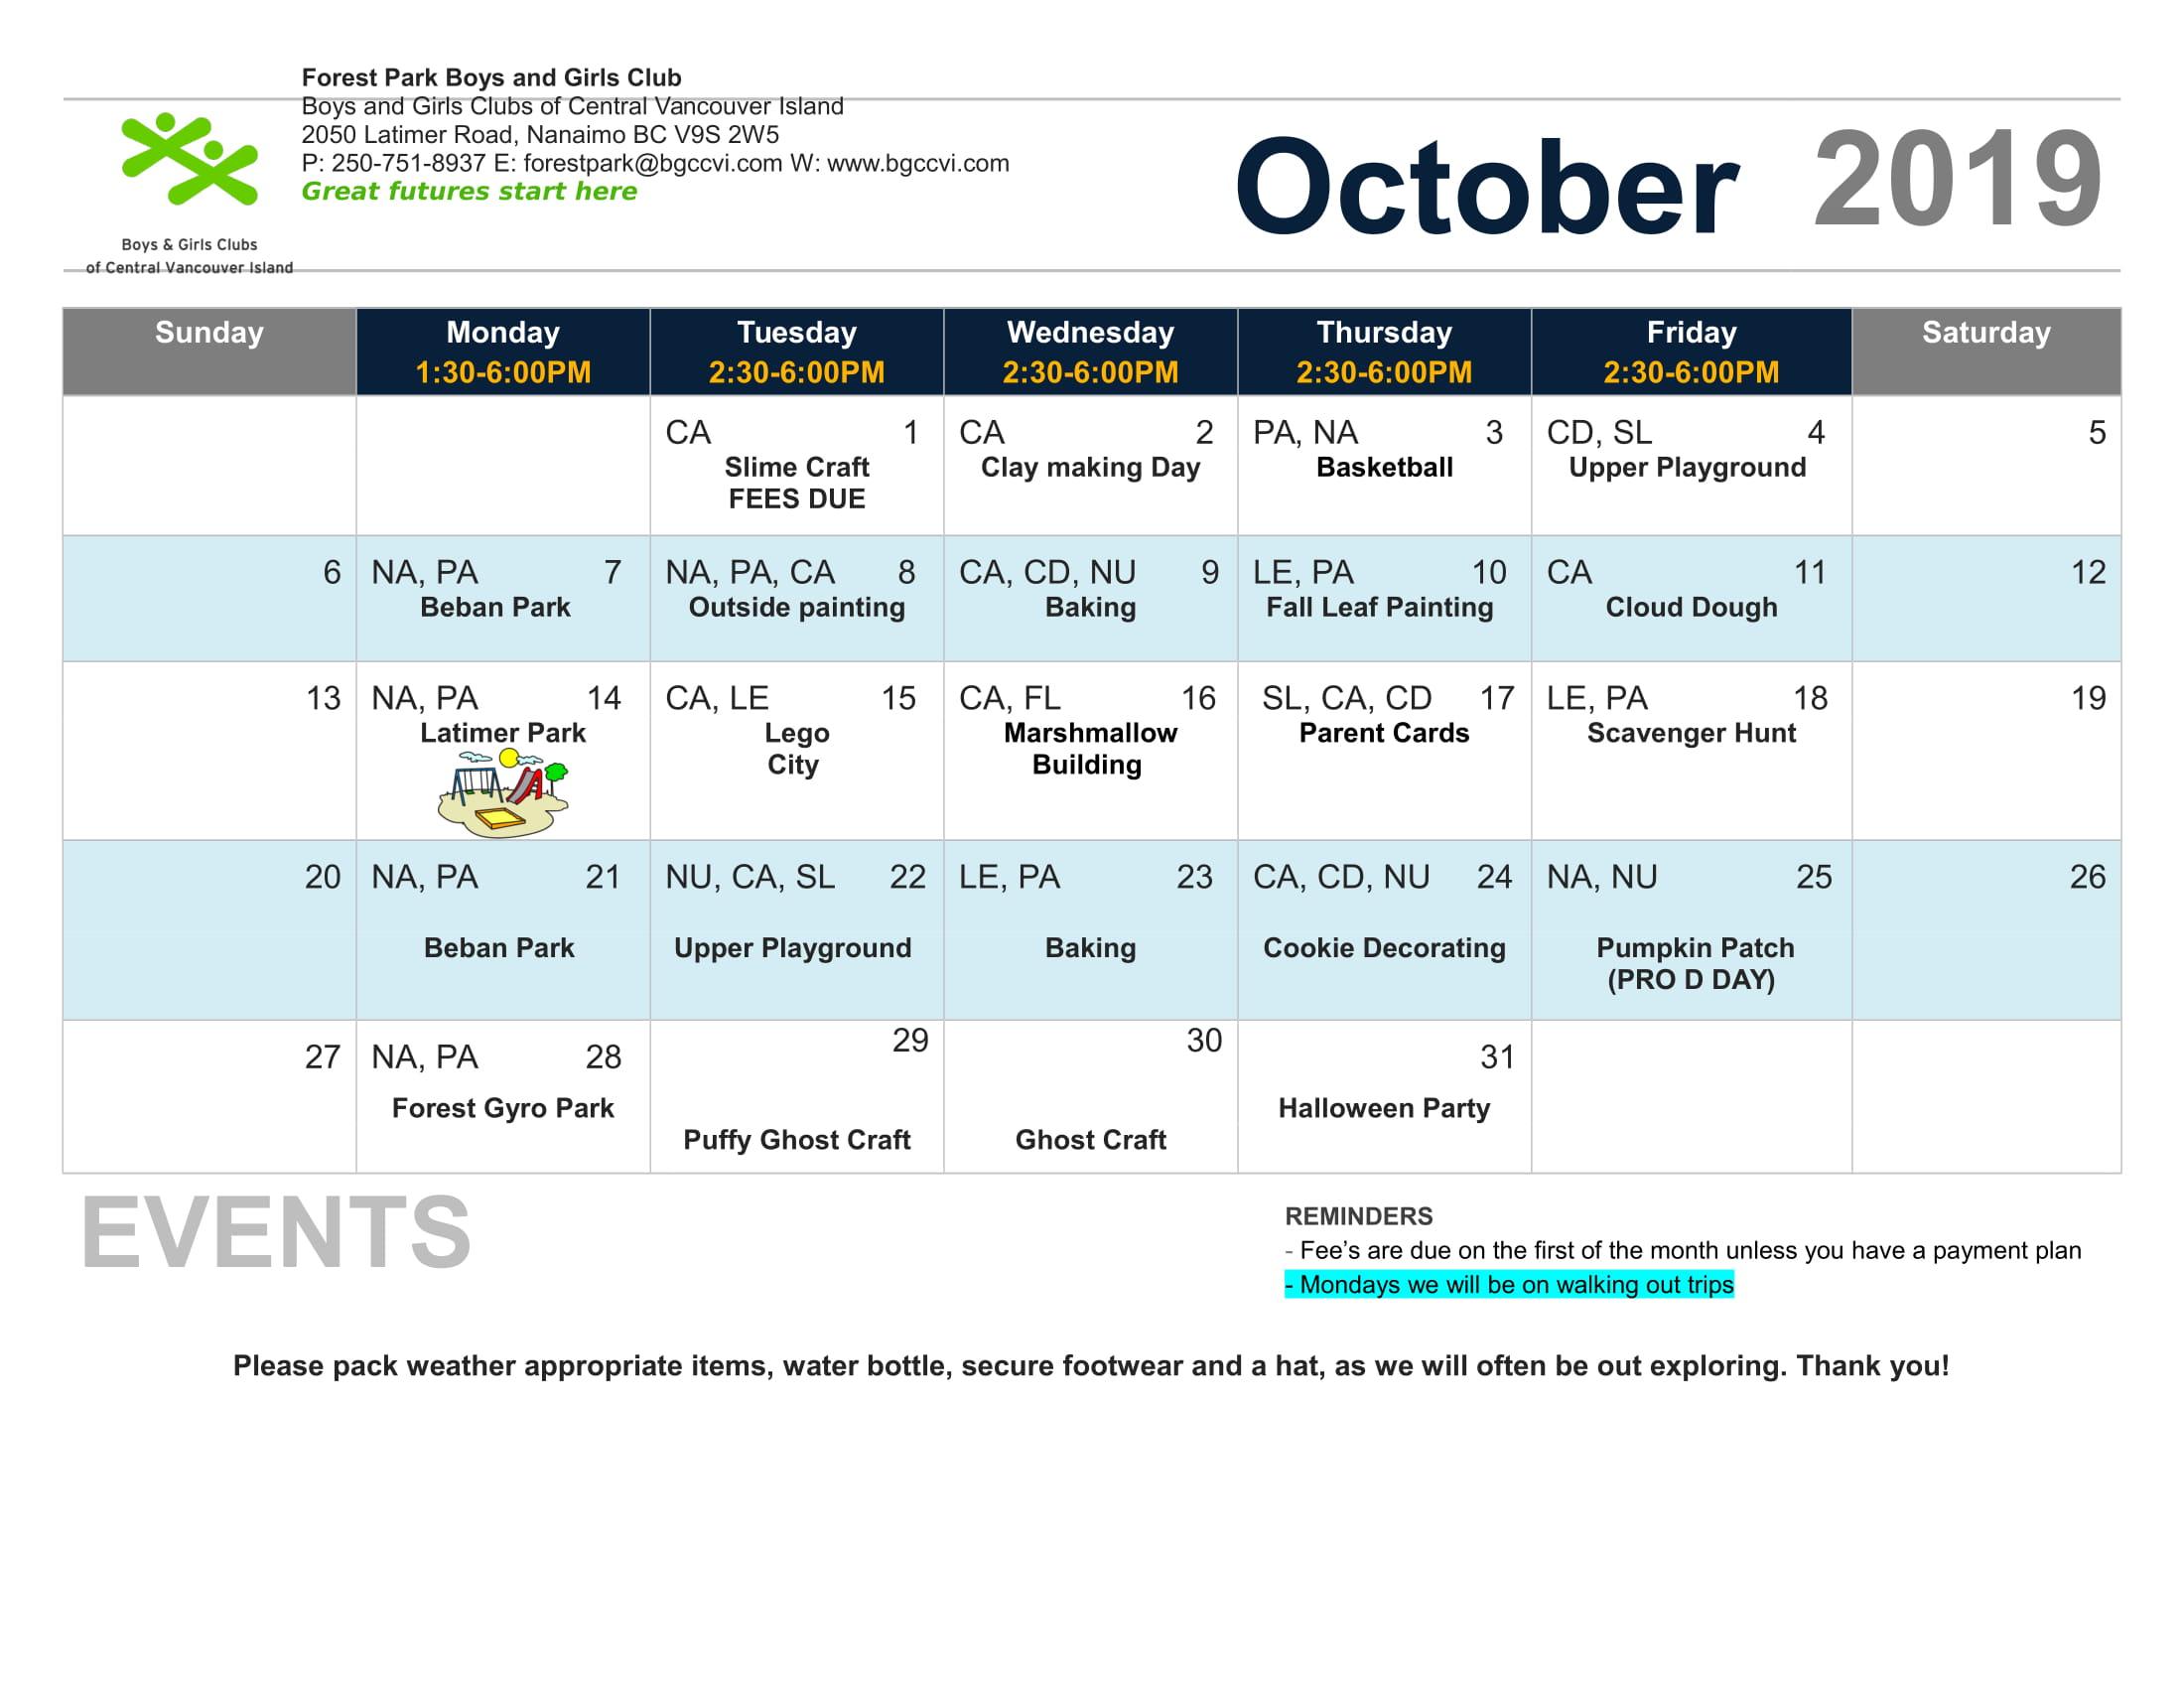 October 2019 Calendar Forest Park – Boys & Girls Clubs Of Intended For Boys And Girls Club Calender For Meetingd